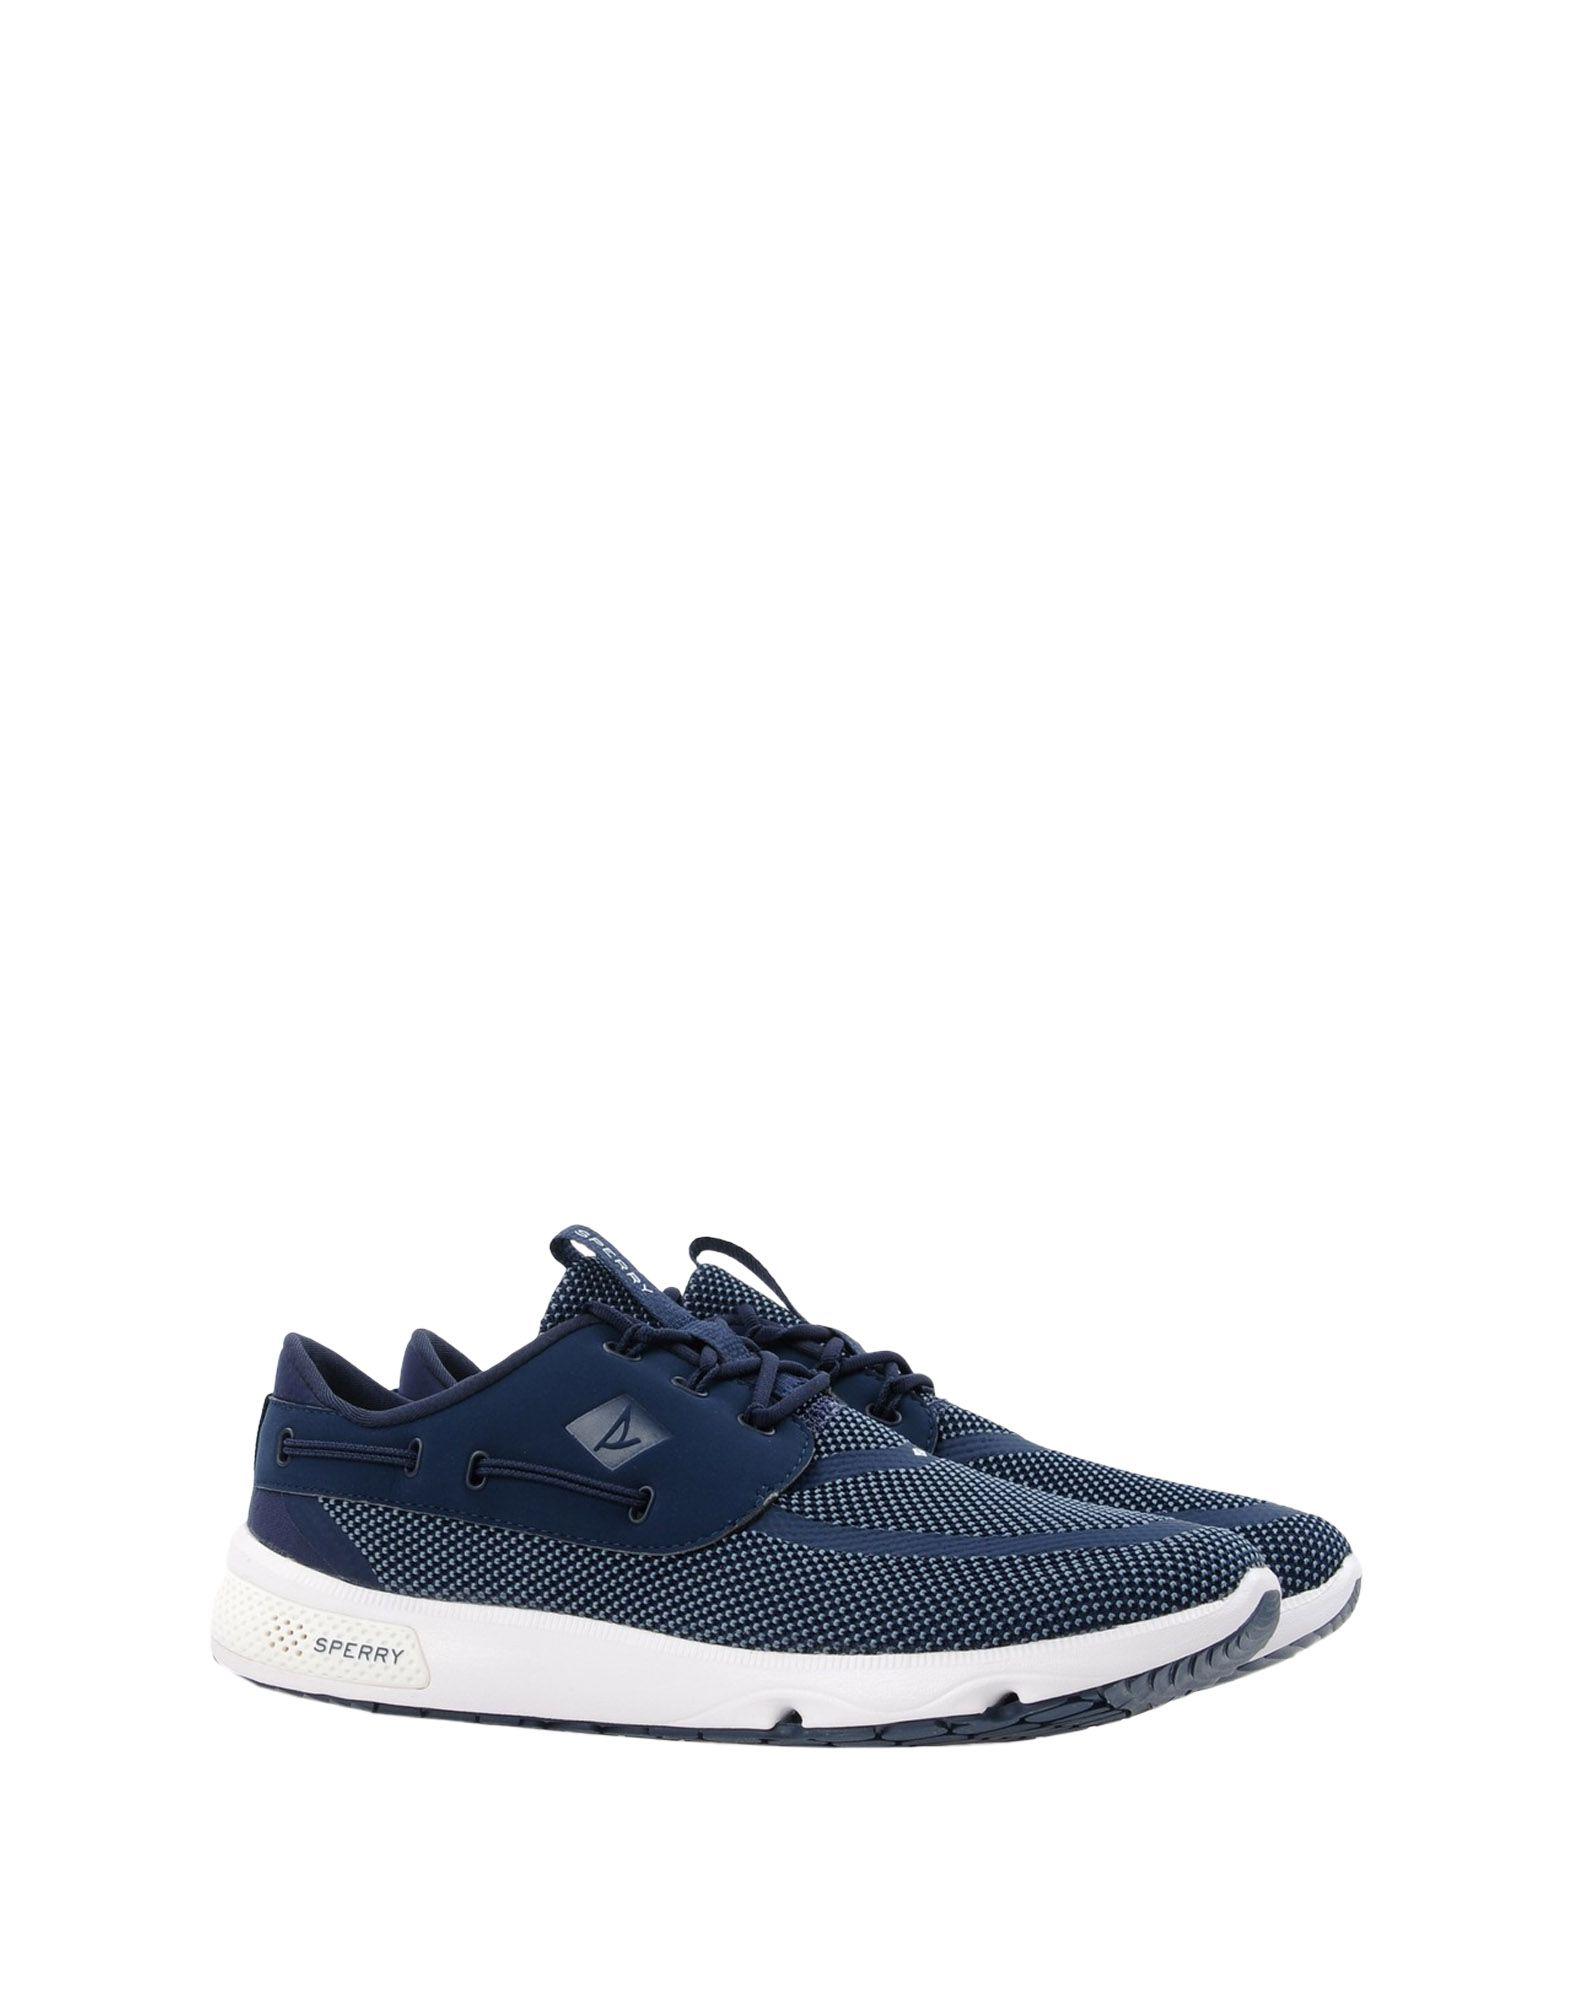 Haltbare Mode billige Schuhe Sperry Neue Top 11282864KW Neue Sperry Schuhe e640b5